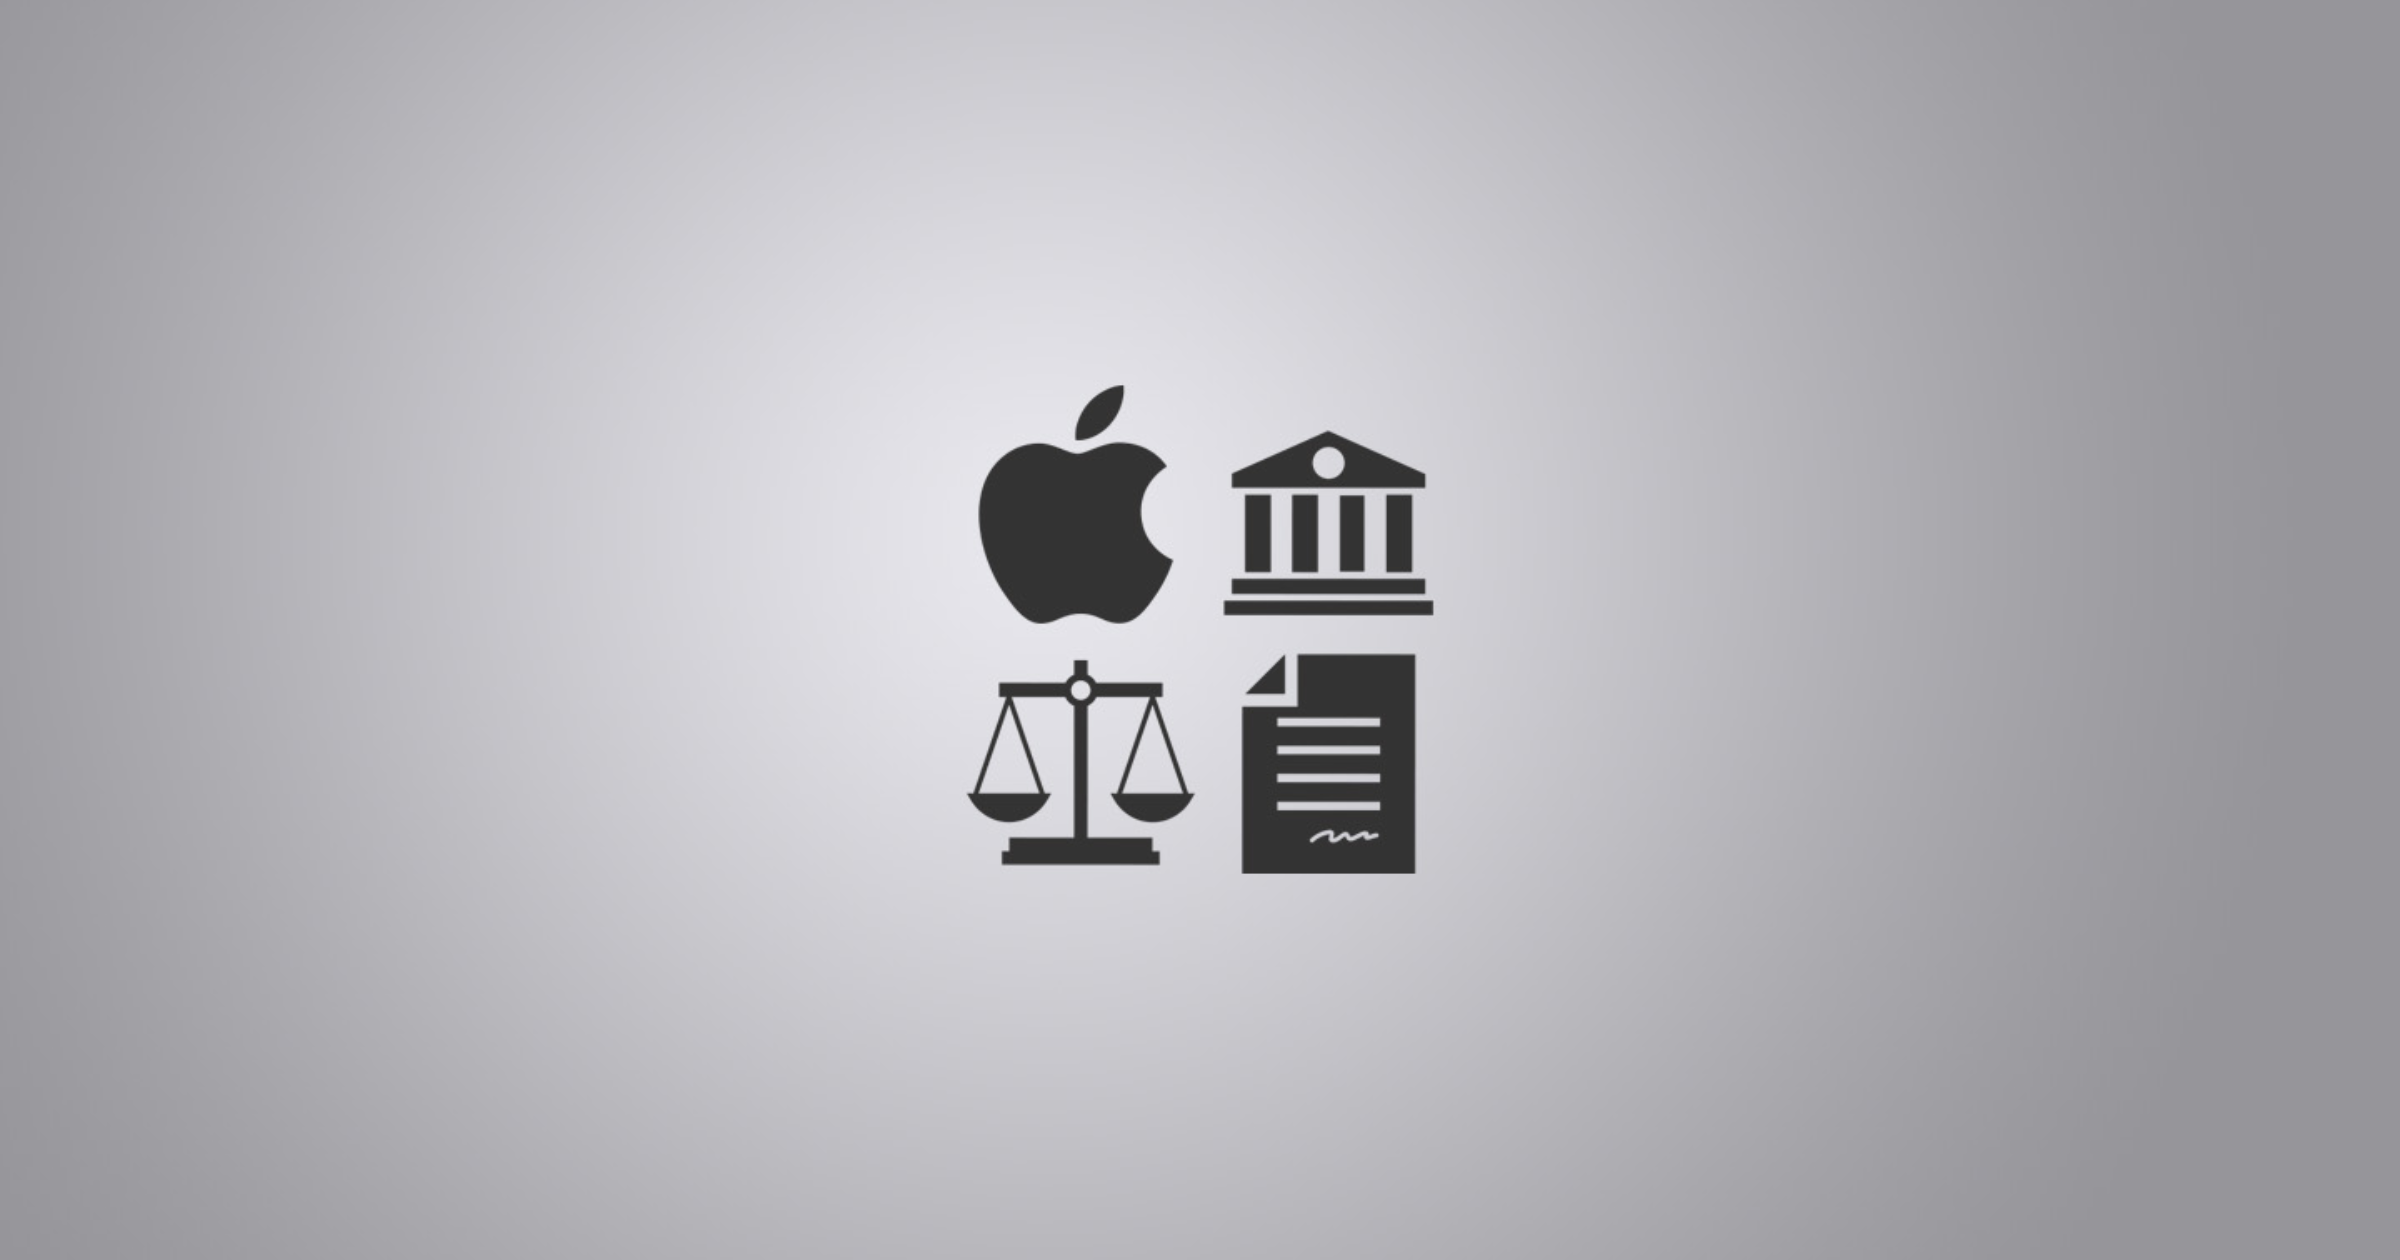 Apple Compliance Ethics